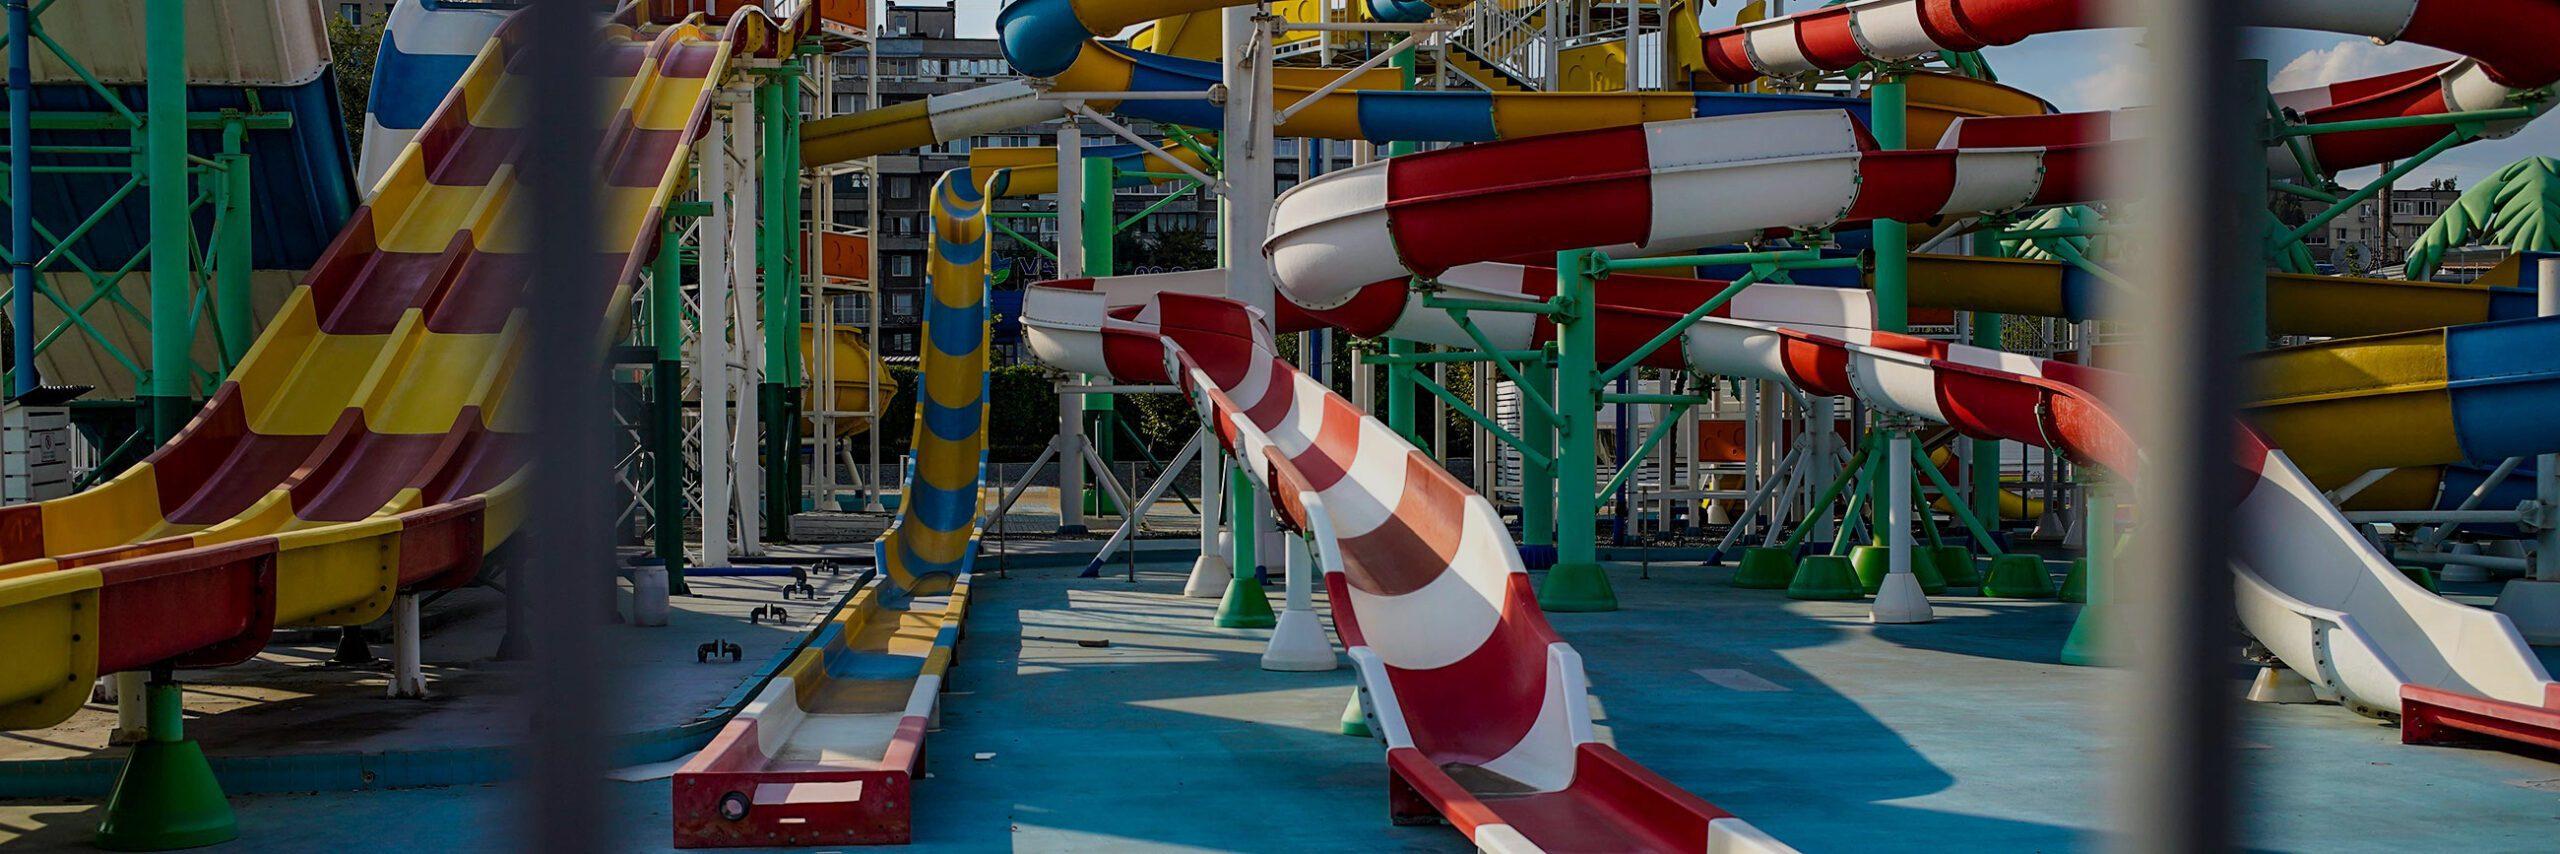 Безпека дітей у ТРЦ: що робити, якщо дитина травмувалася на атракціонах